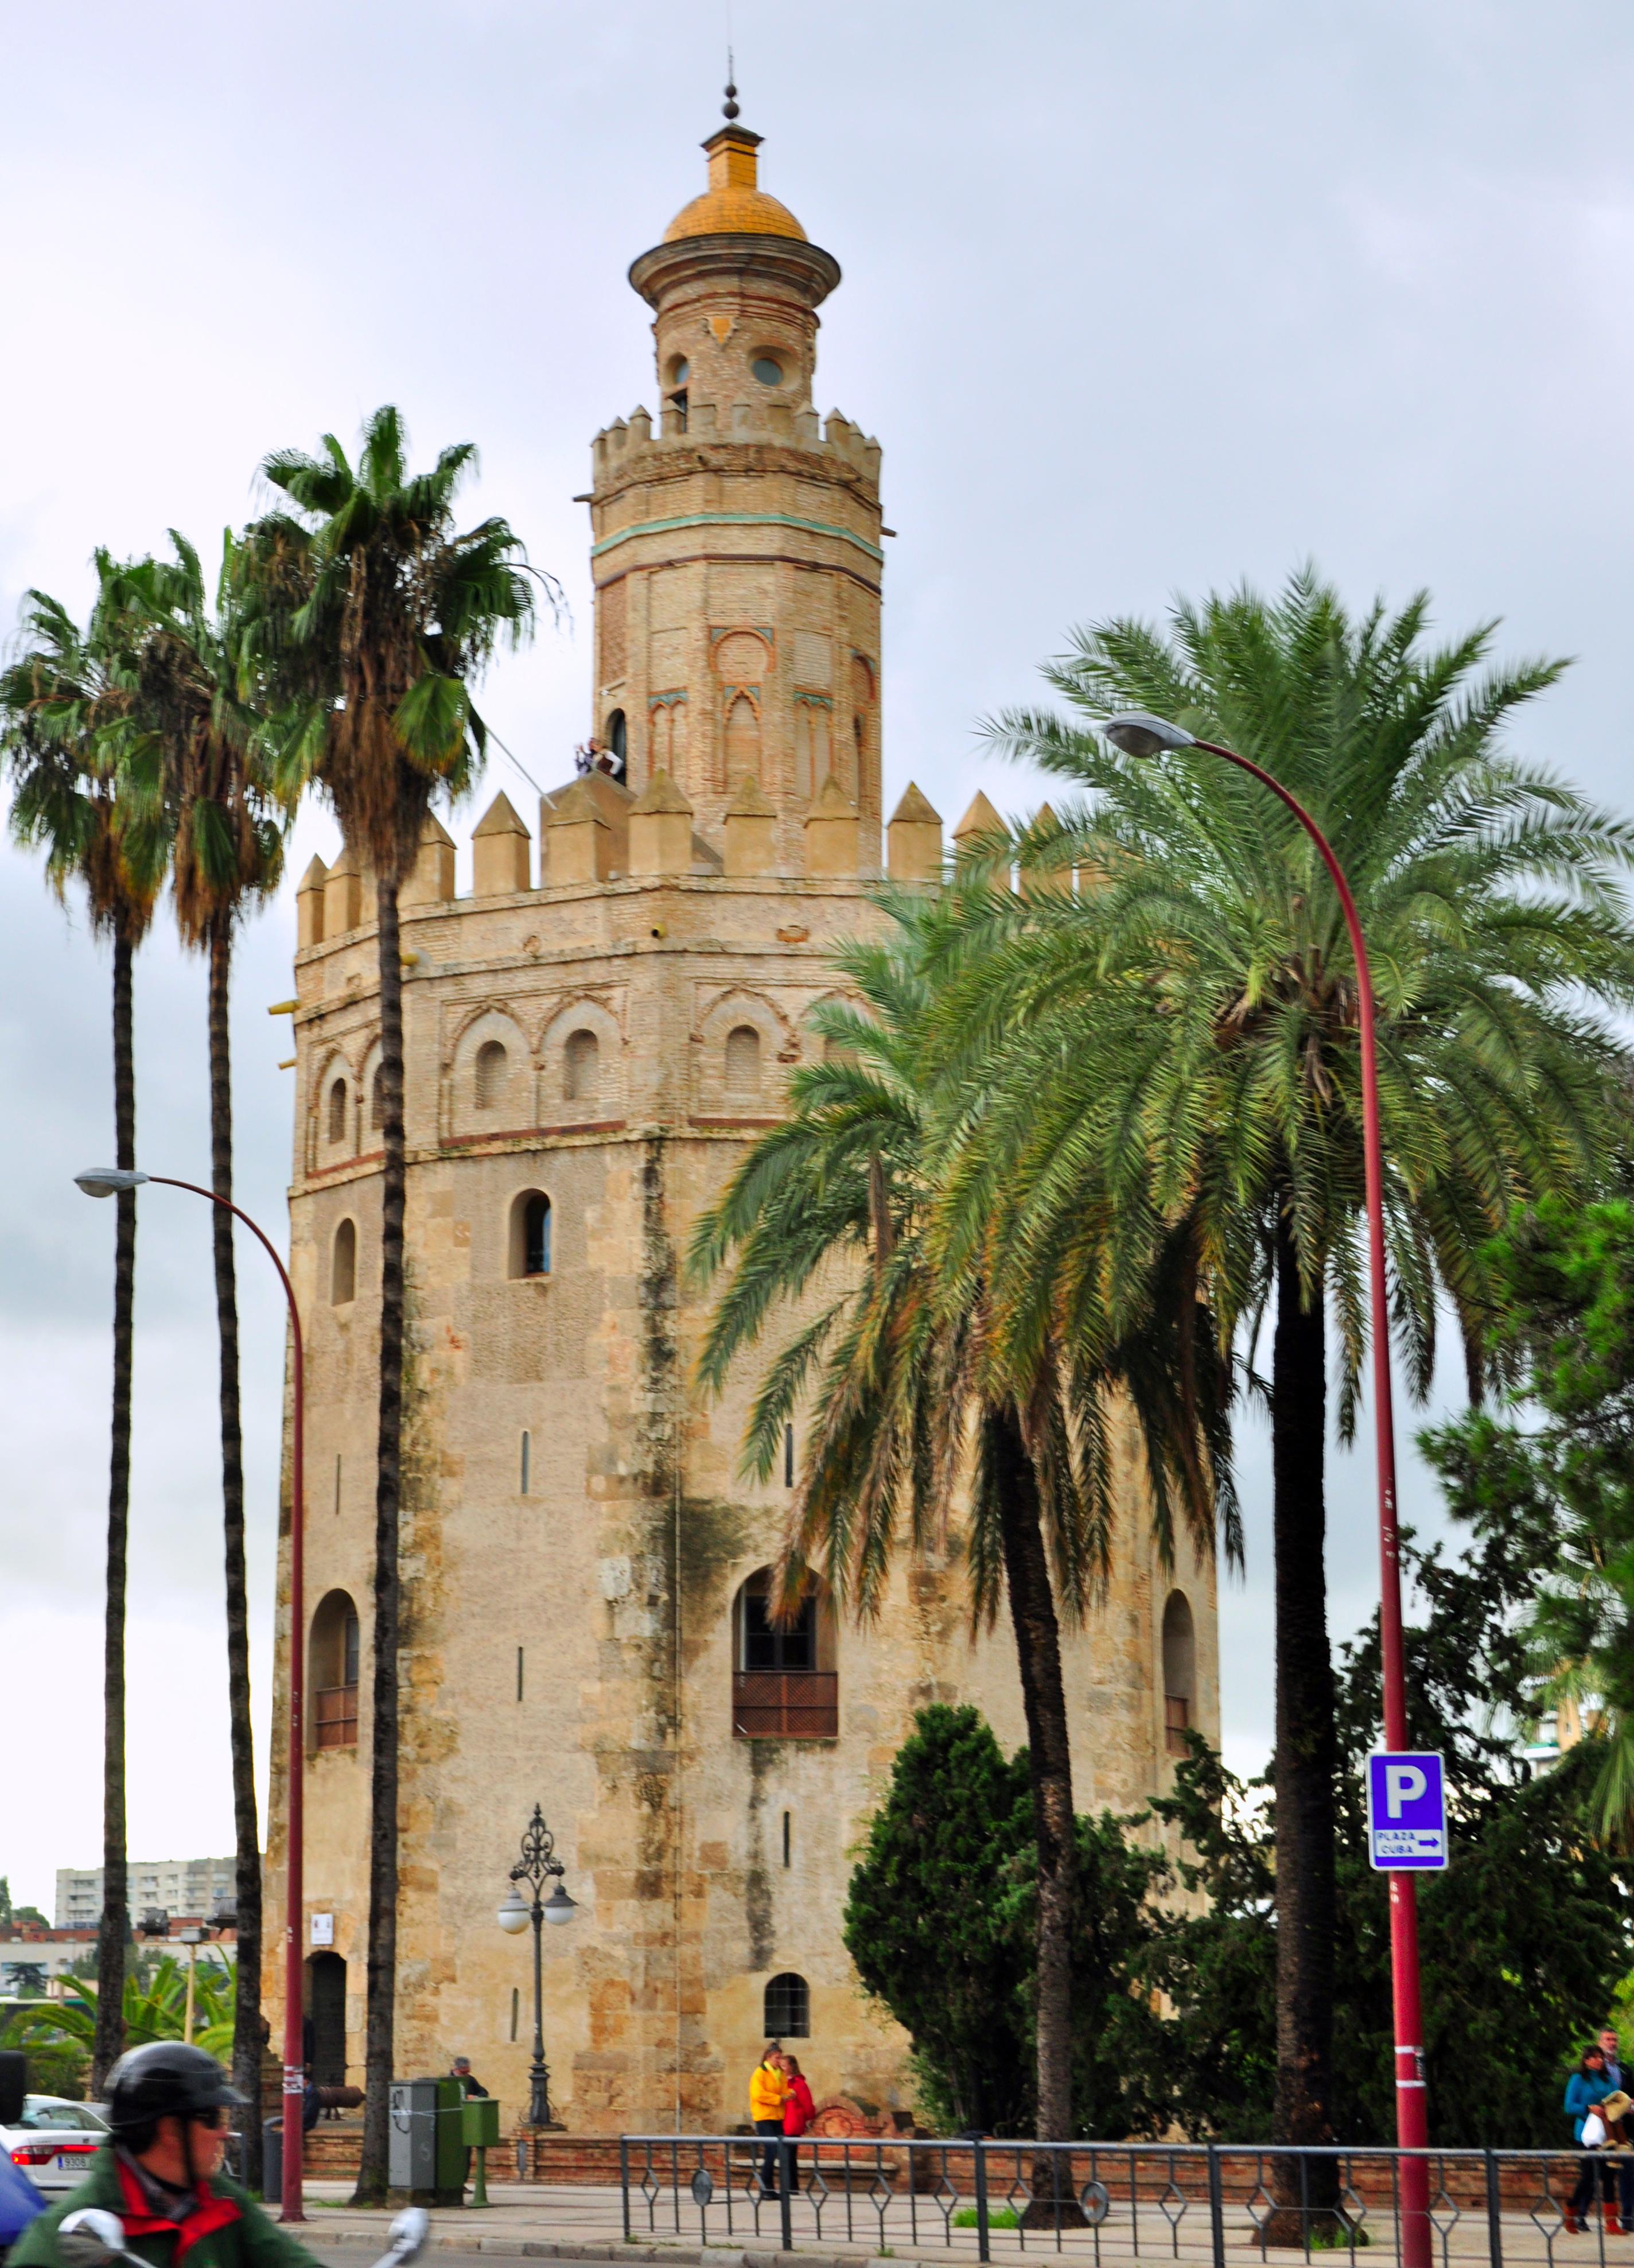 Qué ver en Sevilla, España - What to see in Sevilla, Spain qué ver en sevilla - 30674771194 df3f0bf639 o - Qué ver en Sevilla